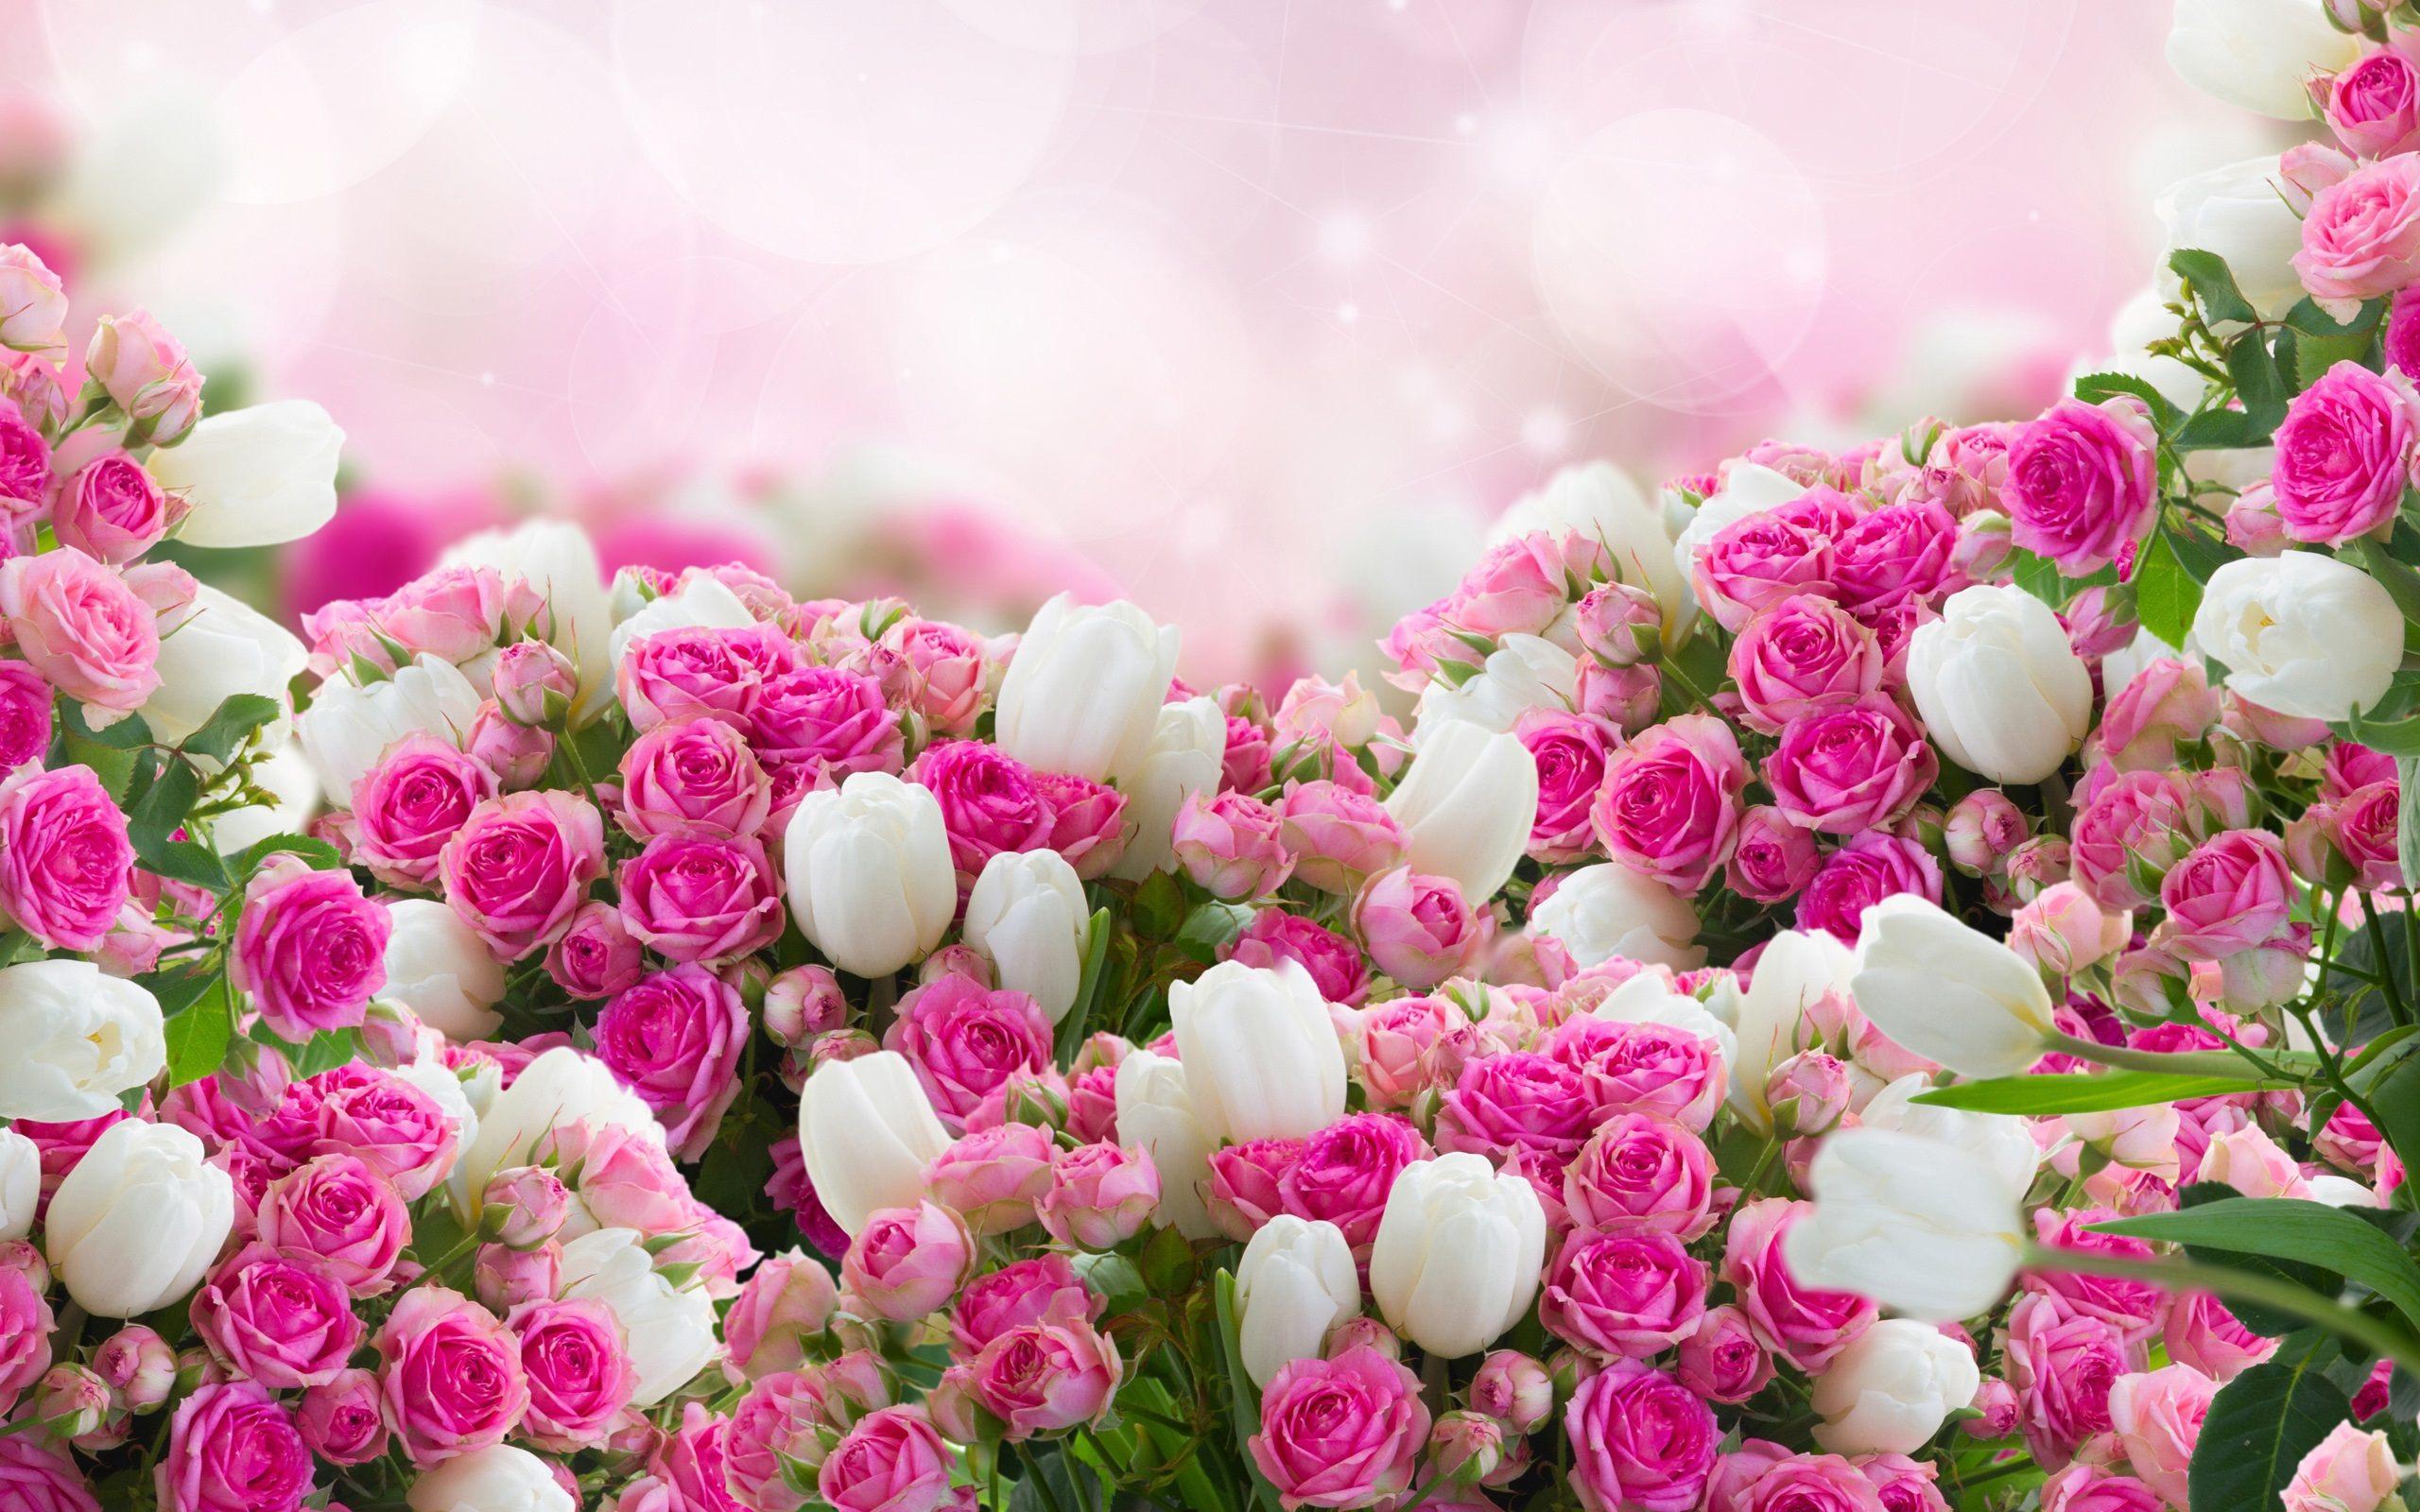 flower-wallpaper-22.jpg